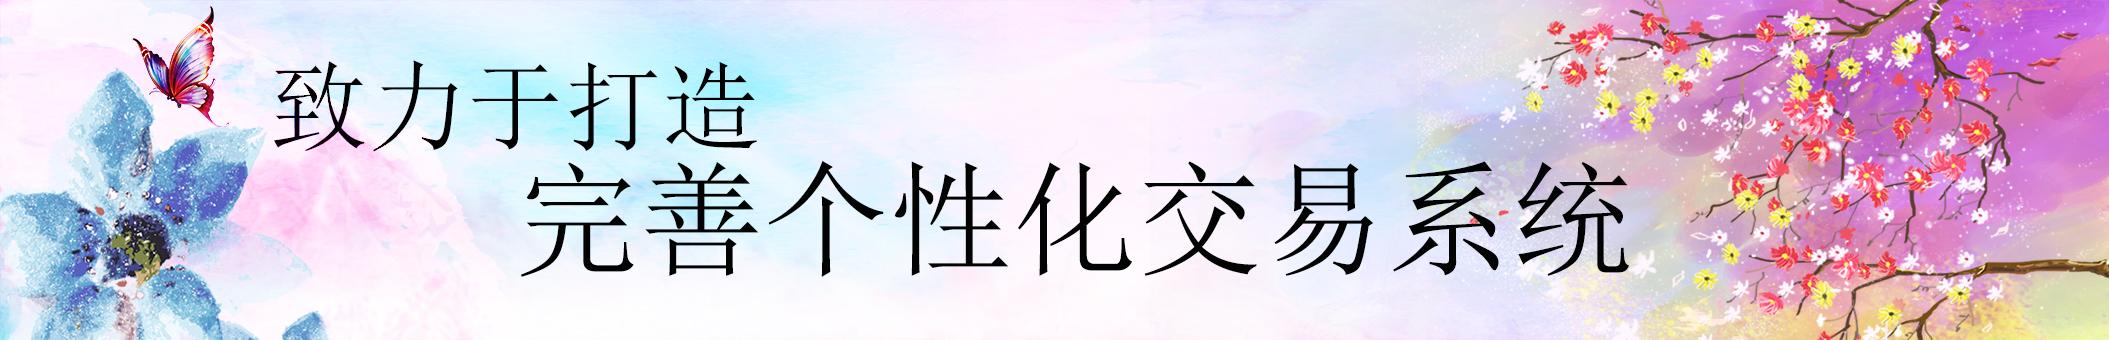 潜渊上人 banner